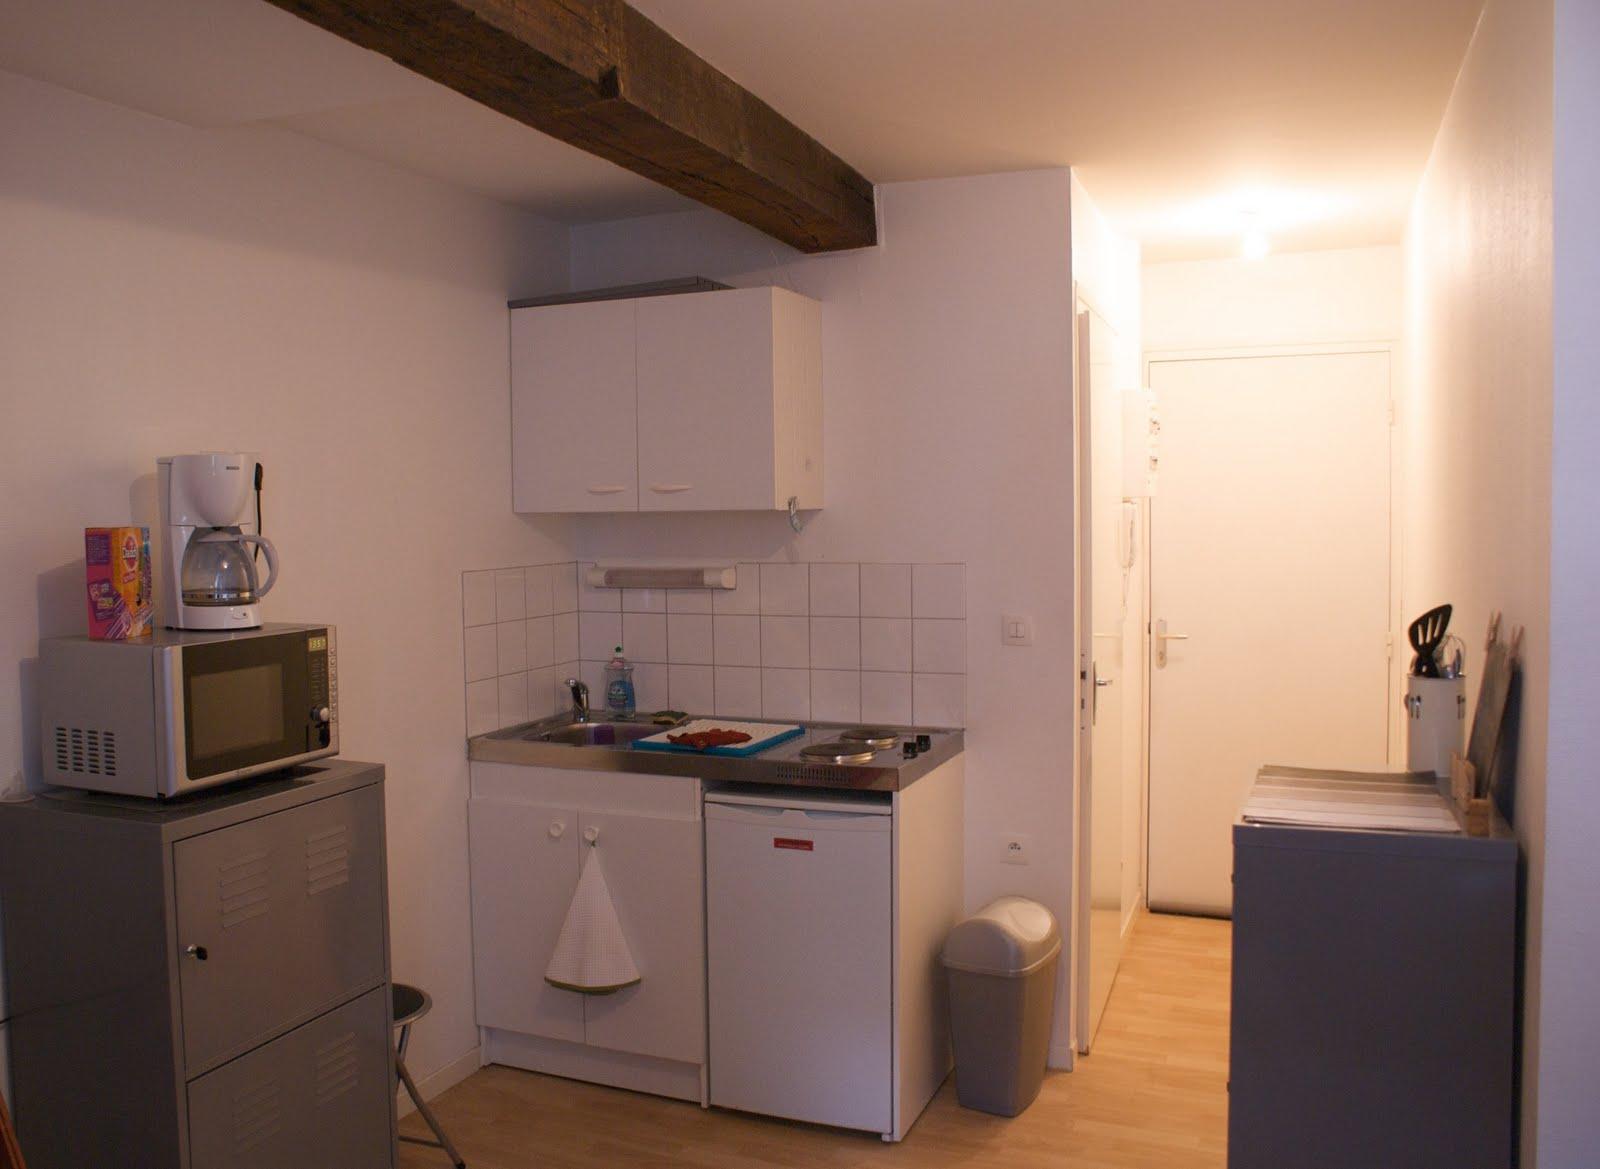 Location Studios à Douai - Cuisine 21 douai